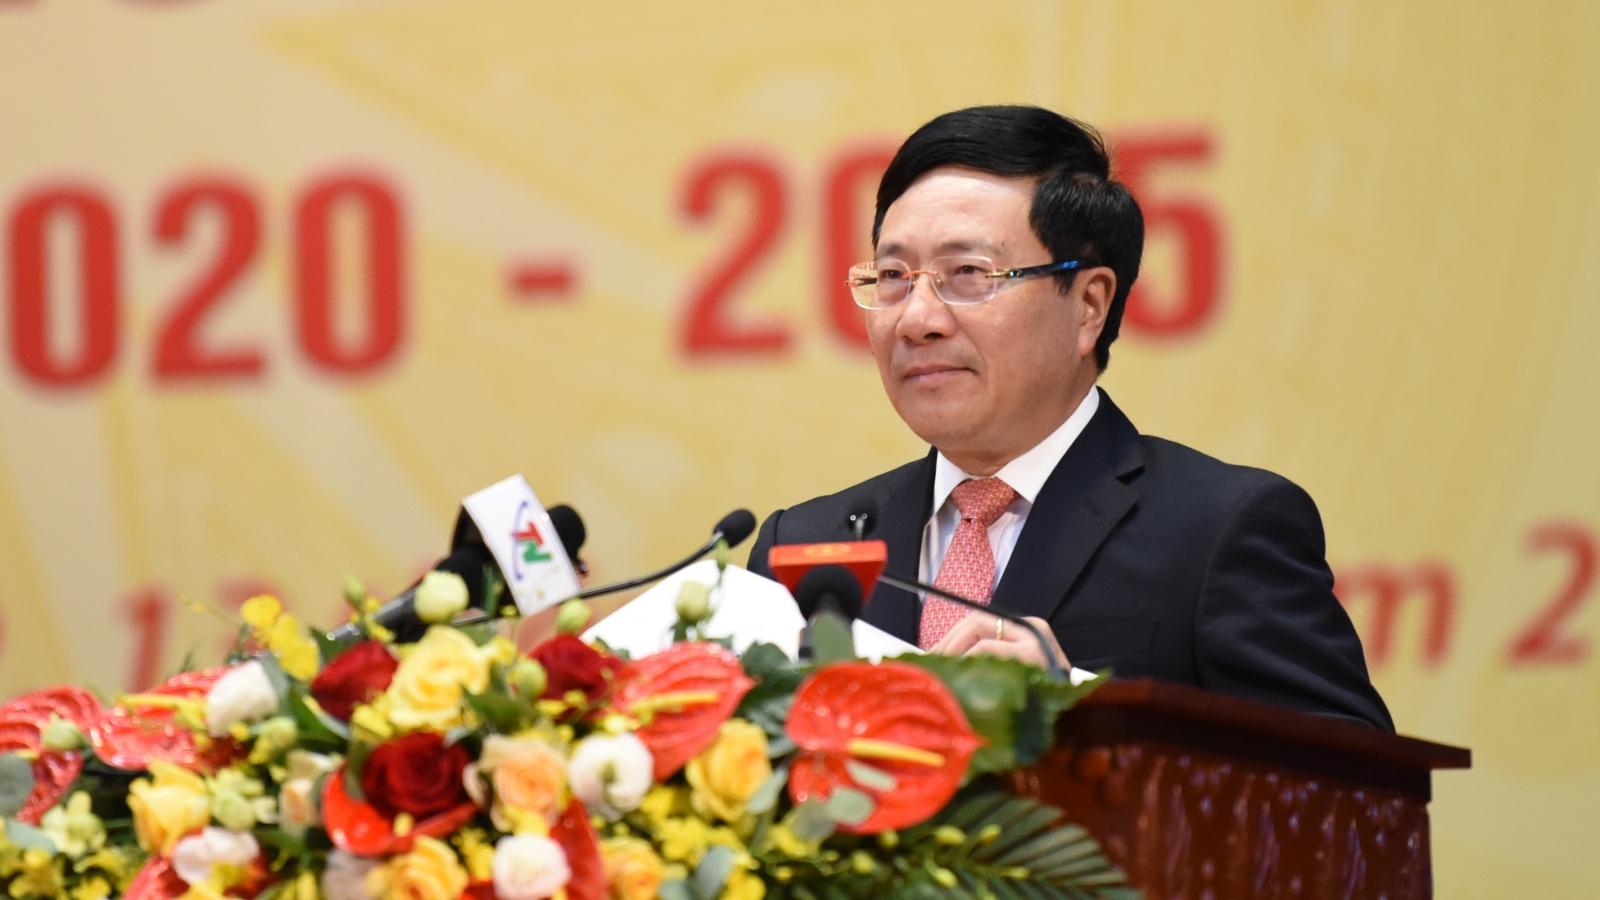 Thái Nguyên cần sớm trở thành tỉnh công nghiệp theo hướng hiện đại